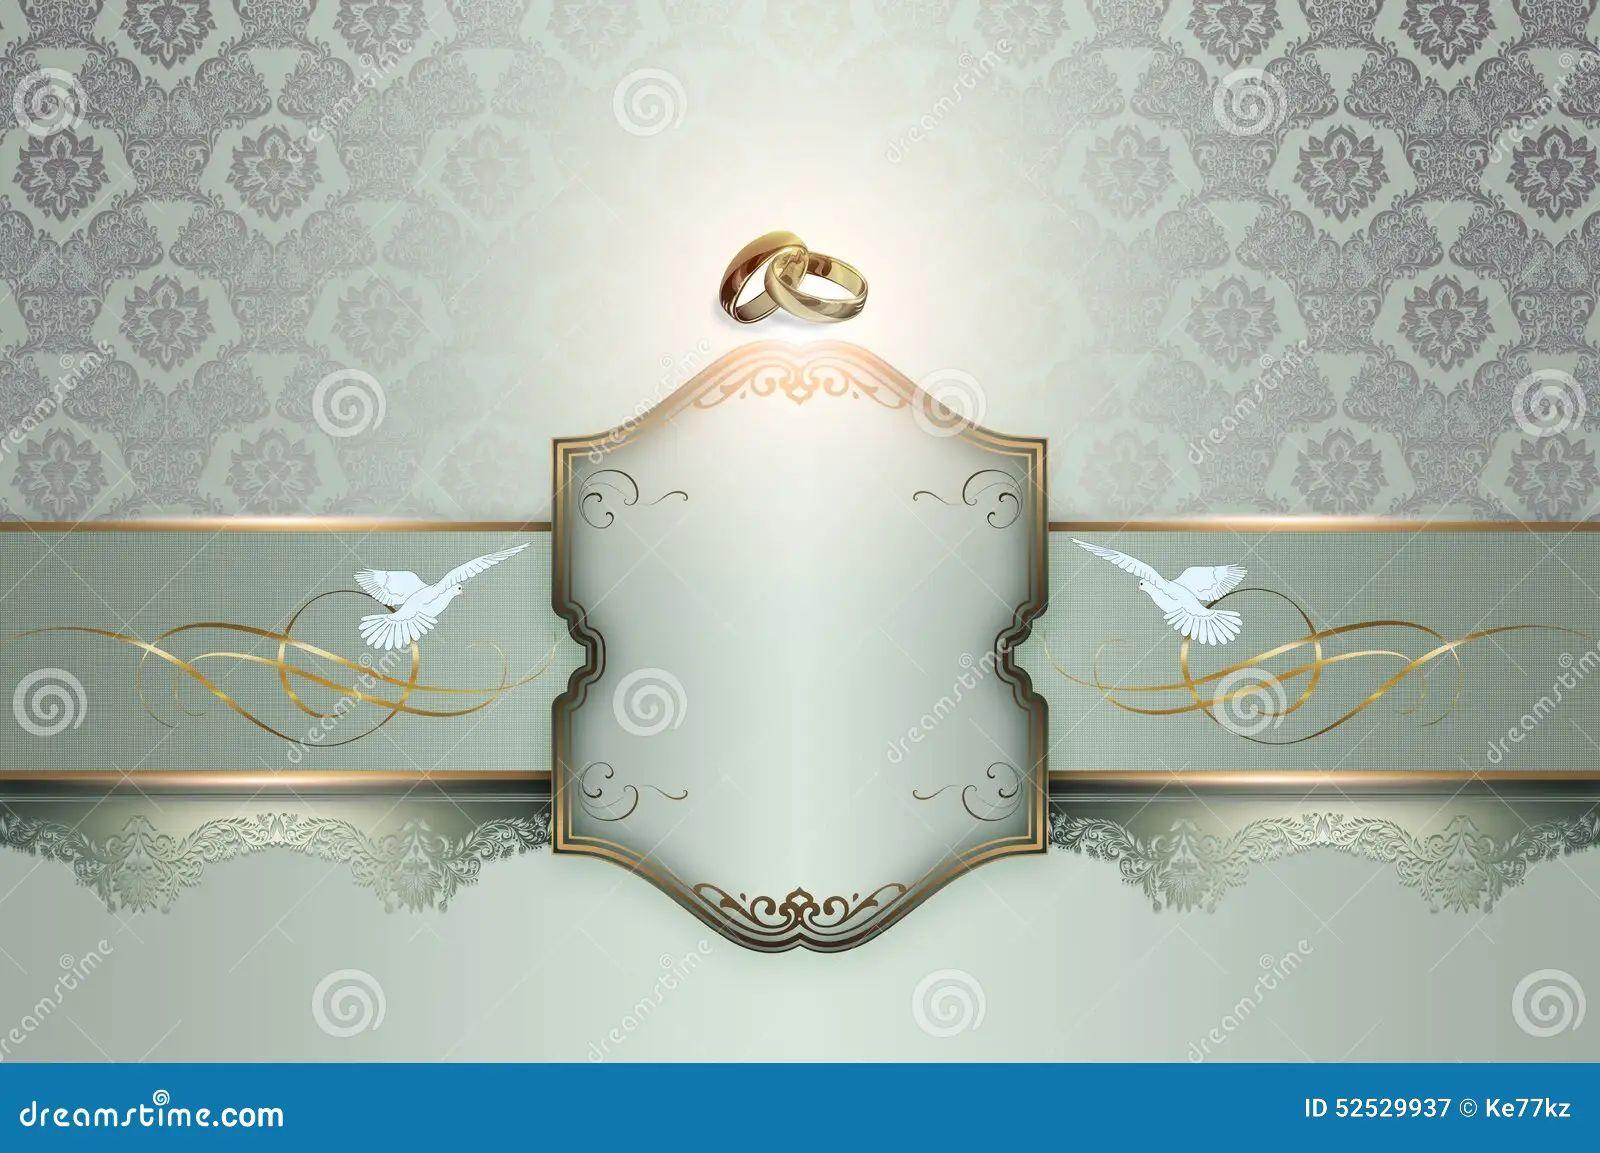 invitation background designs